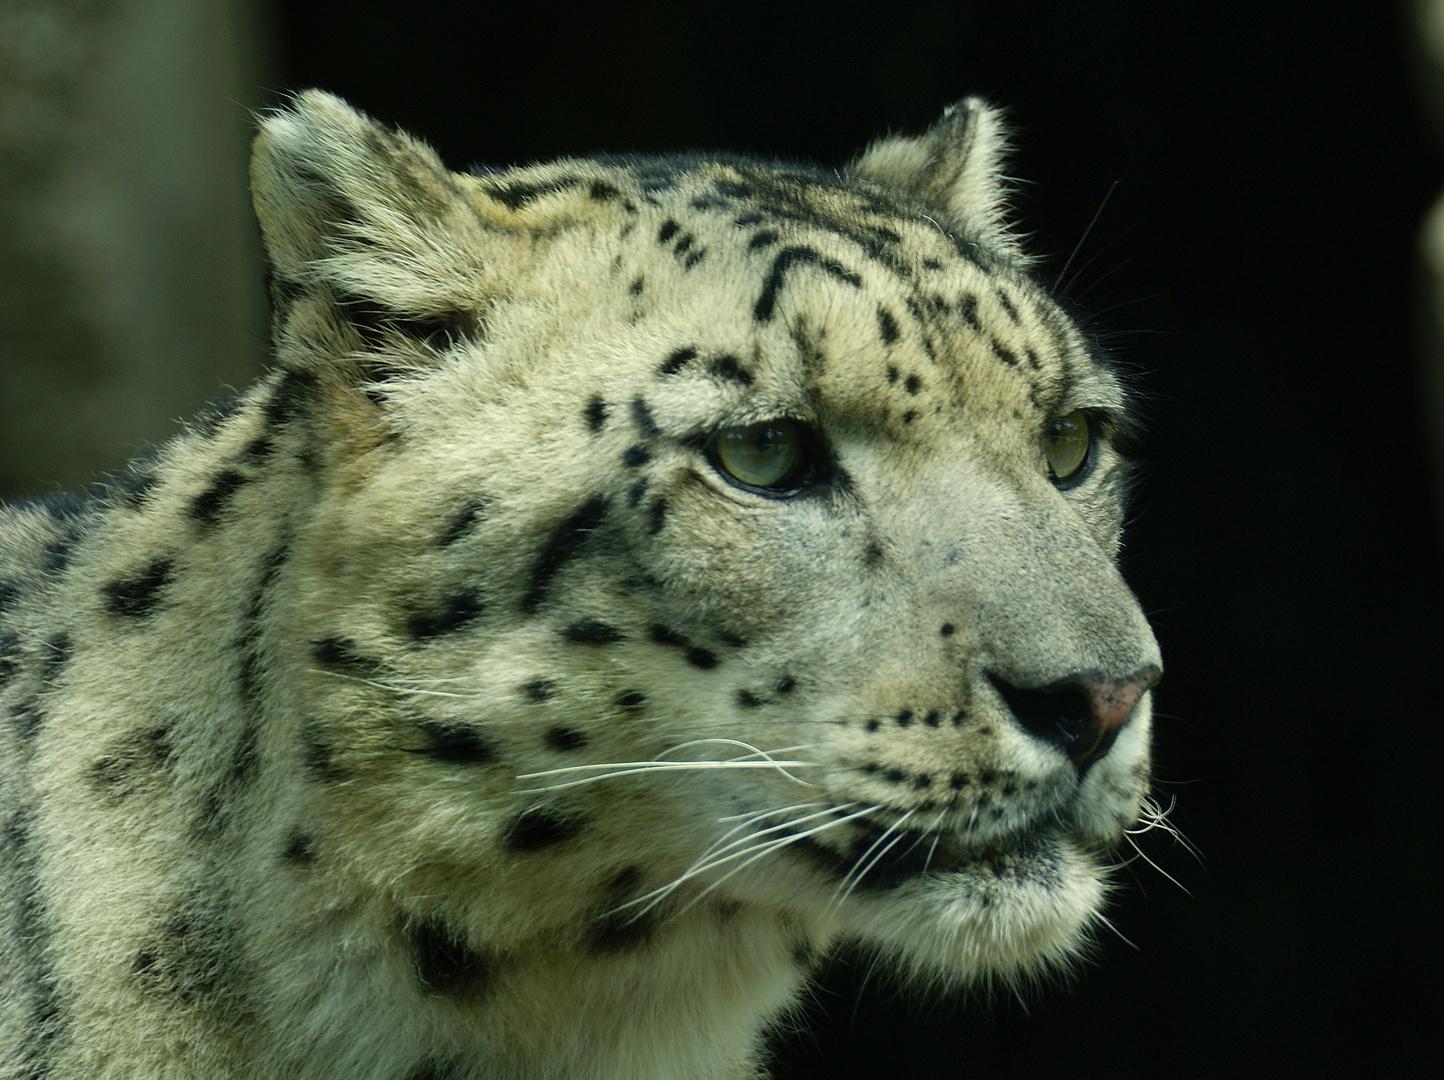 Panth re des neige m nagerie du jardin des plantes photo et image animaux zoo et animaux en - Animaux du jardin des plantes ...